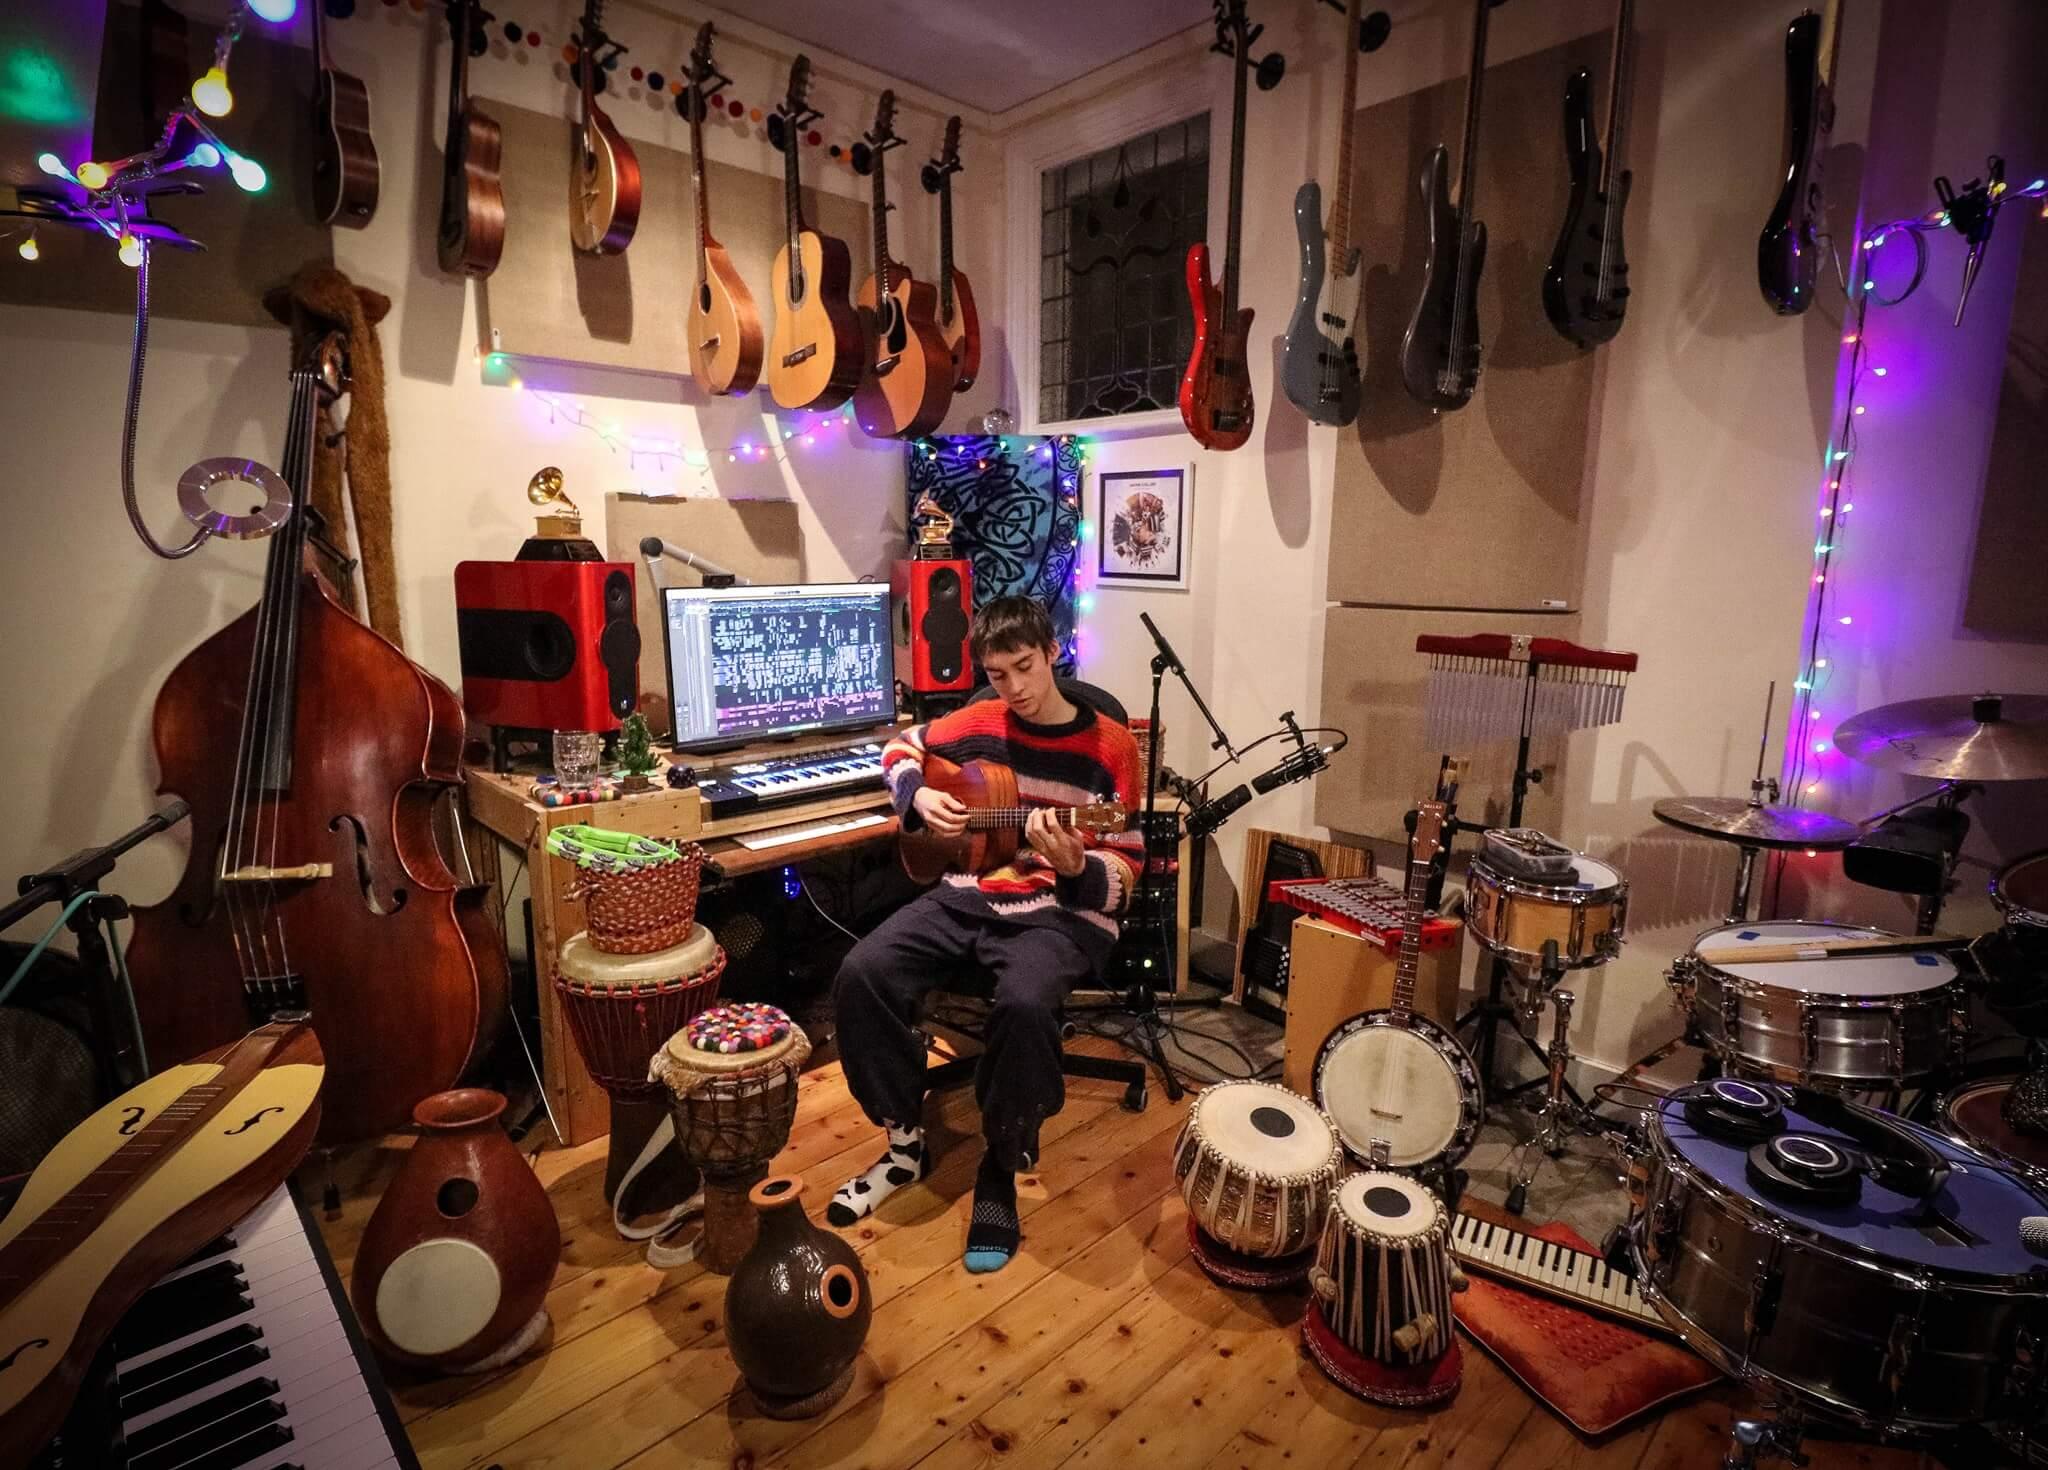 Jacob Collirの部屋(Photo:Facebook)